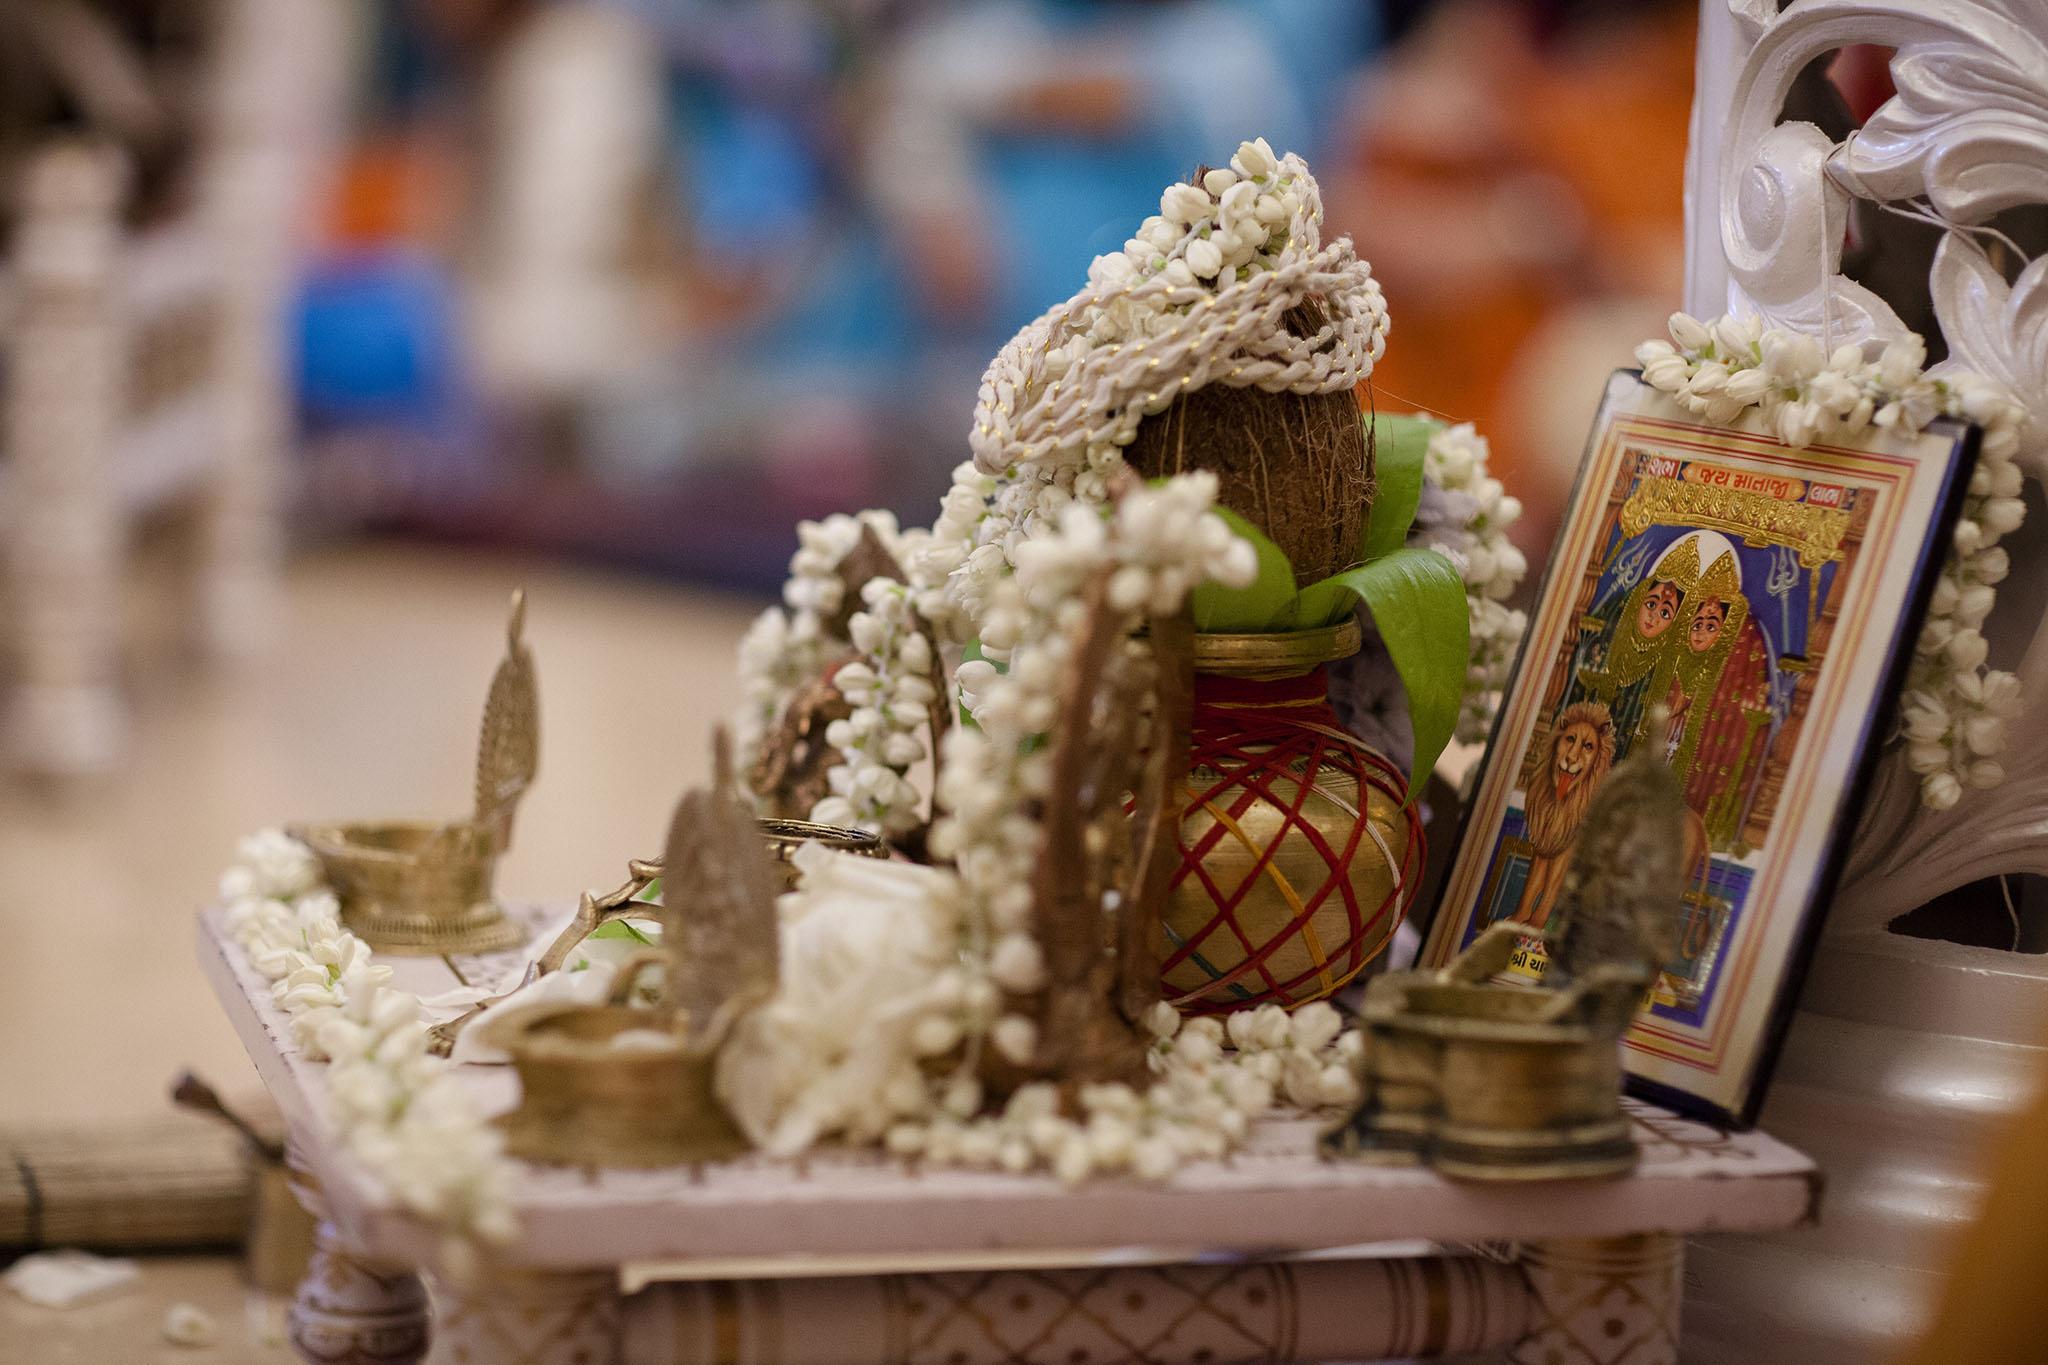 elizabethgphotography_kingslangley_hertfordshire_fineart_indian_wedding_photography_bhavesh_kundalata_bhaktivedanta_manor_watford_jpg24.jpg